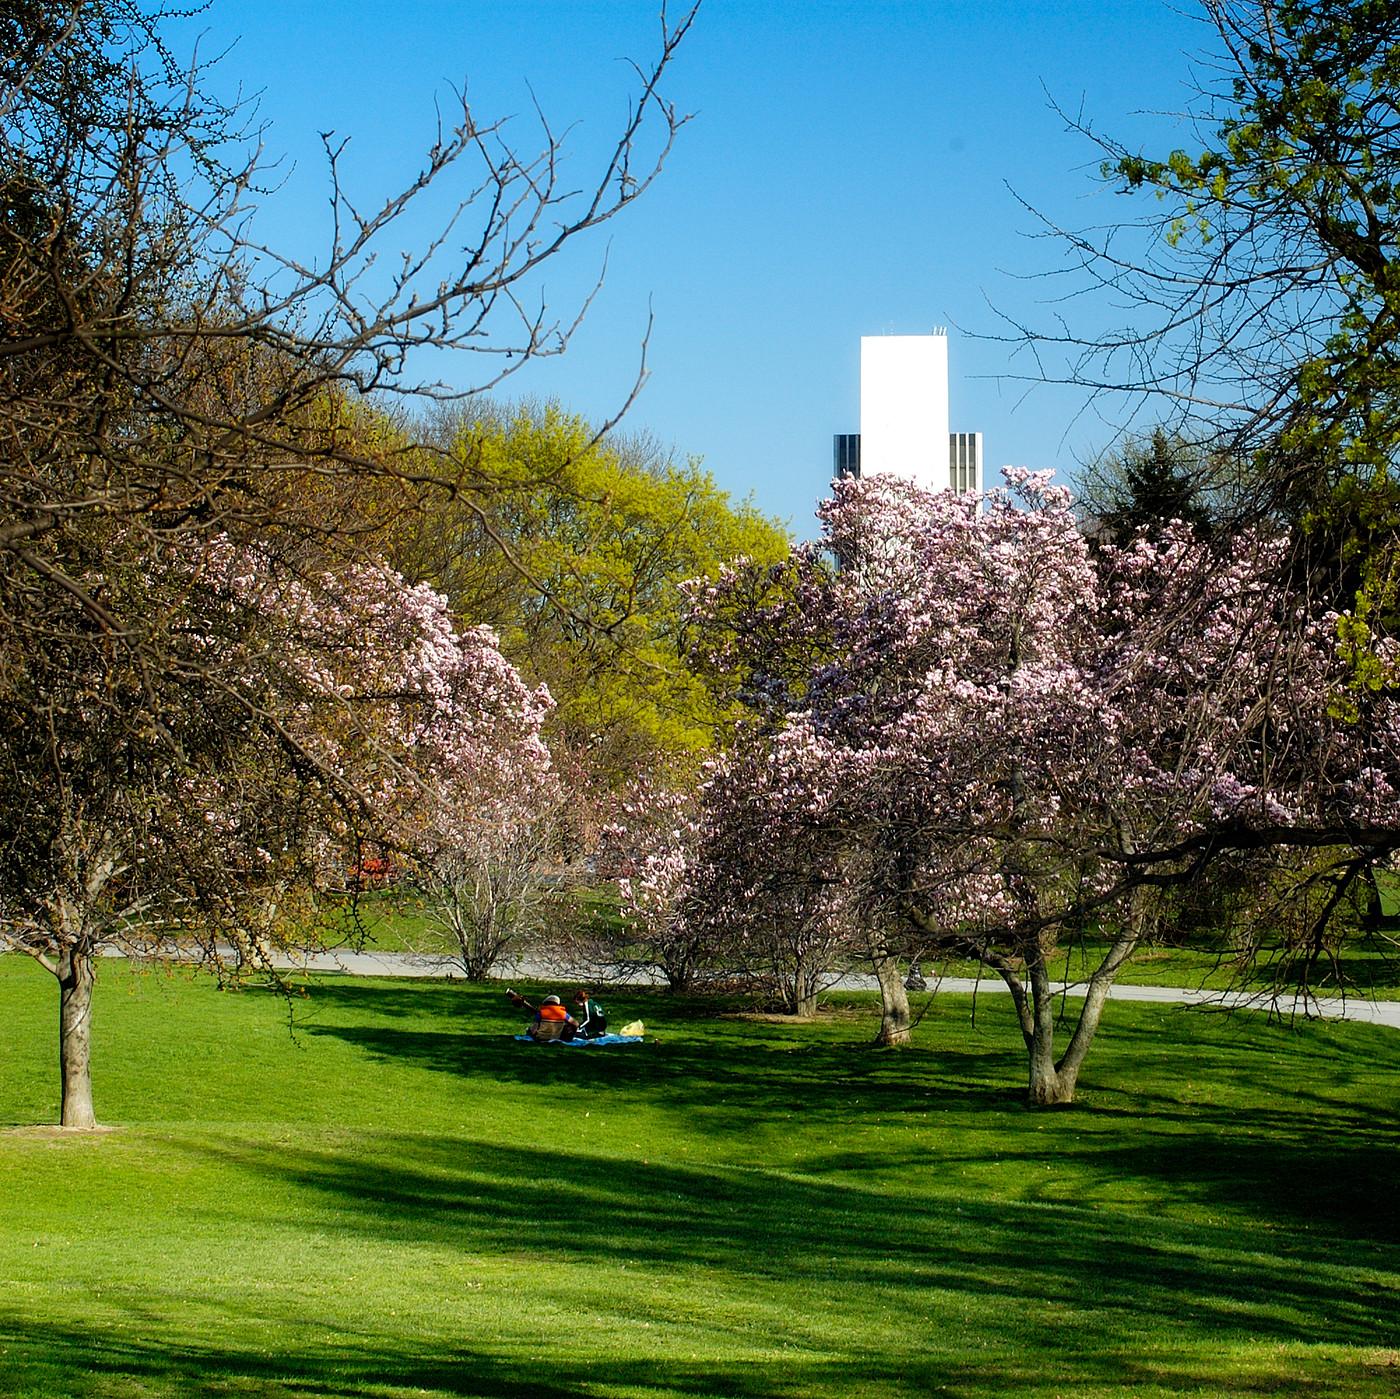 Washington Park, April